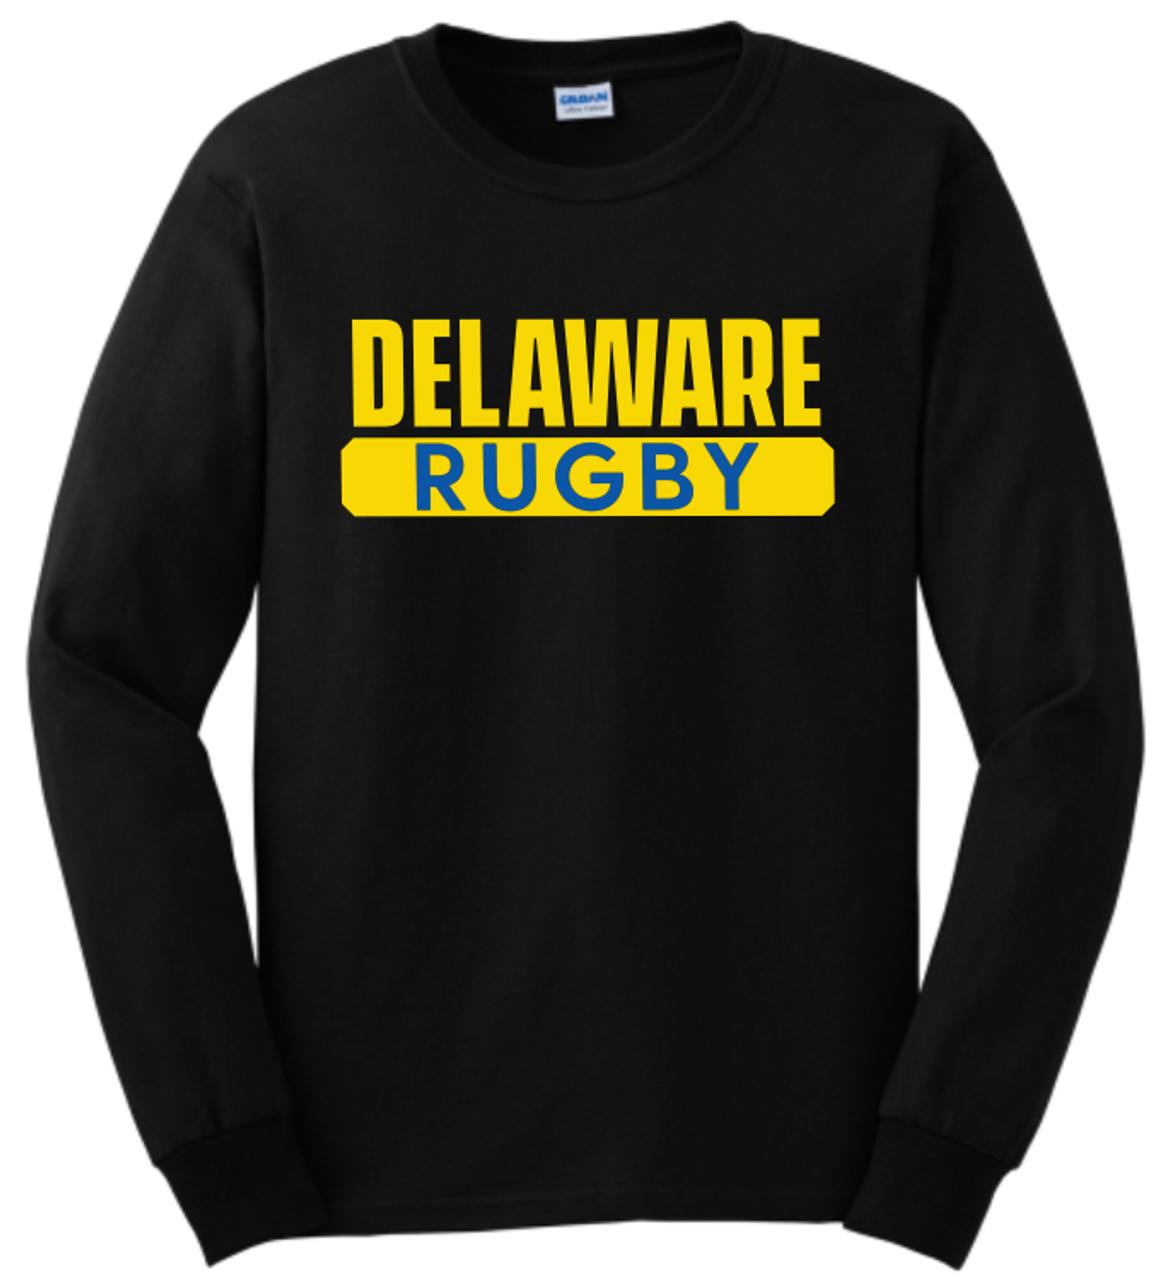 Delaware Rugby Tee, Black